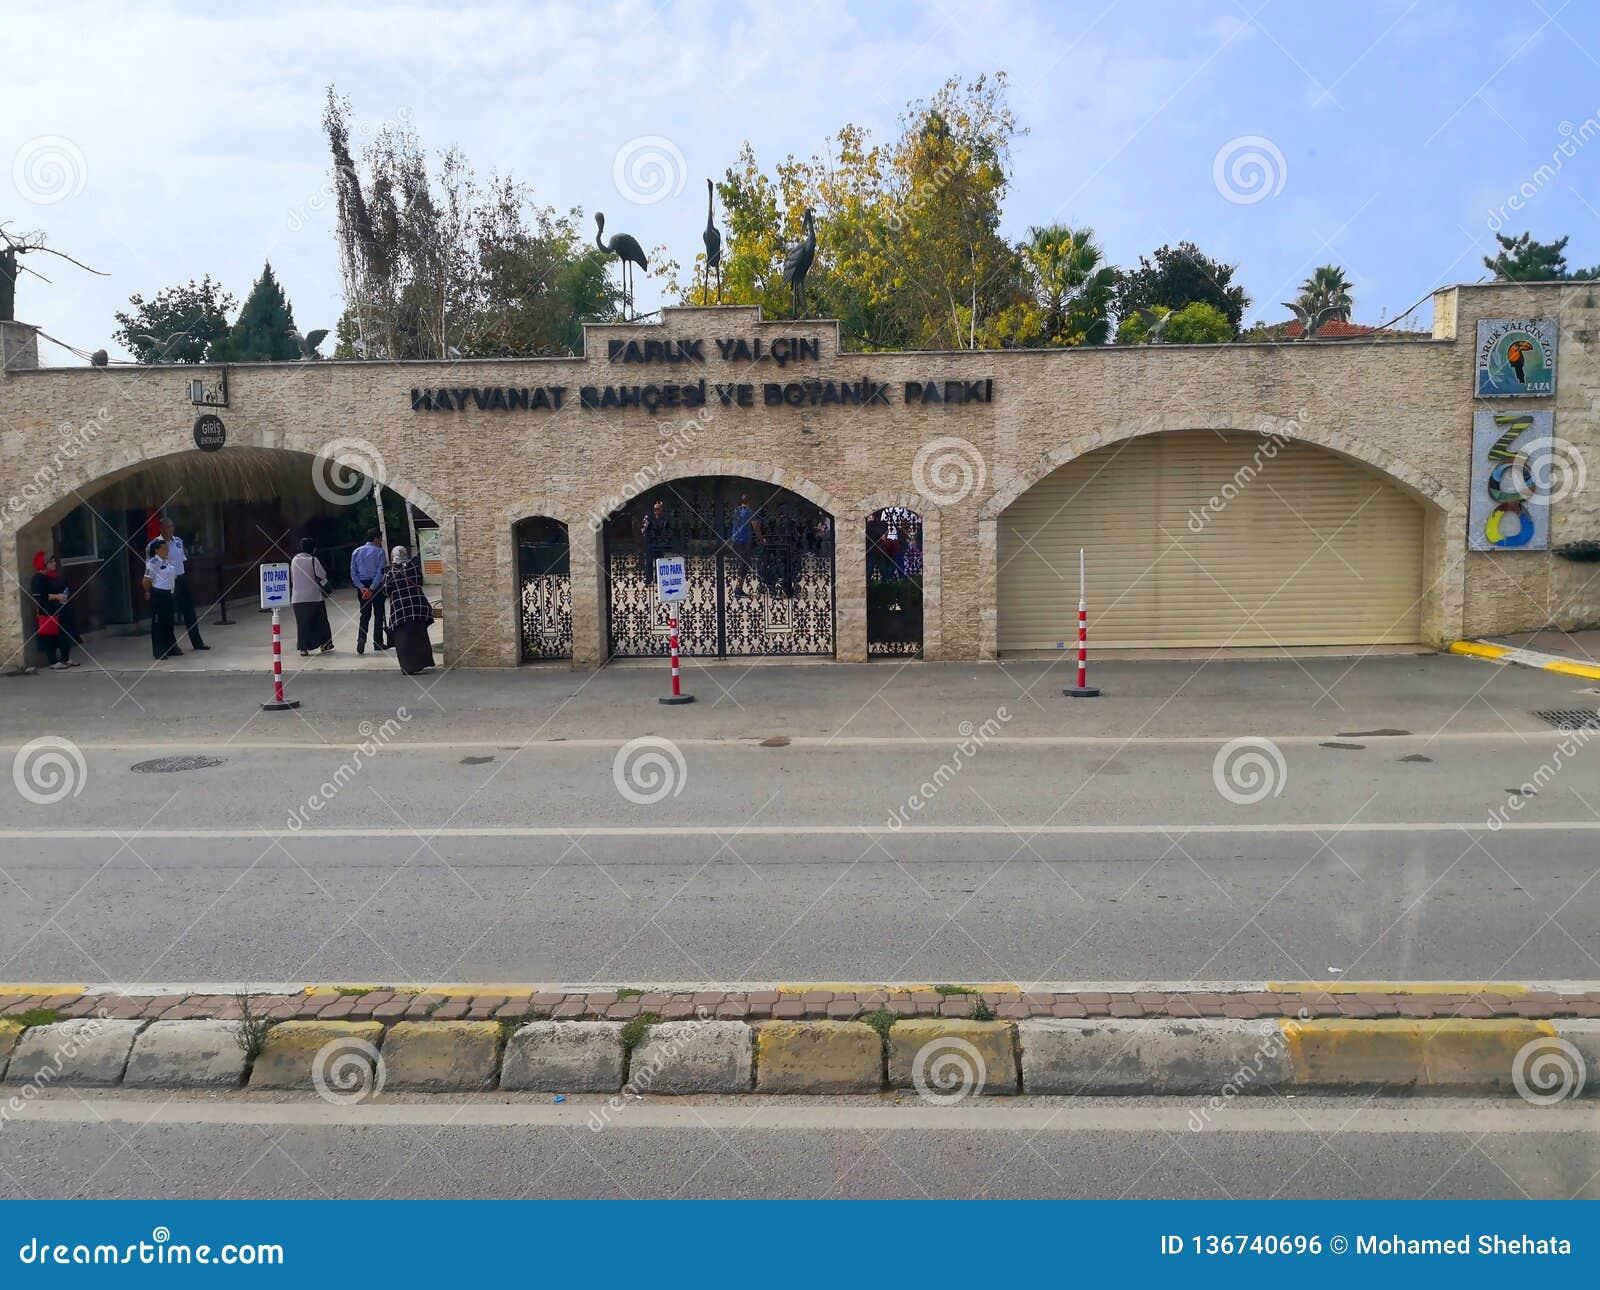 Visión externa para el parque zoológico de Faruk Yalcin en Estambul